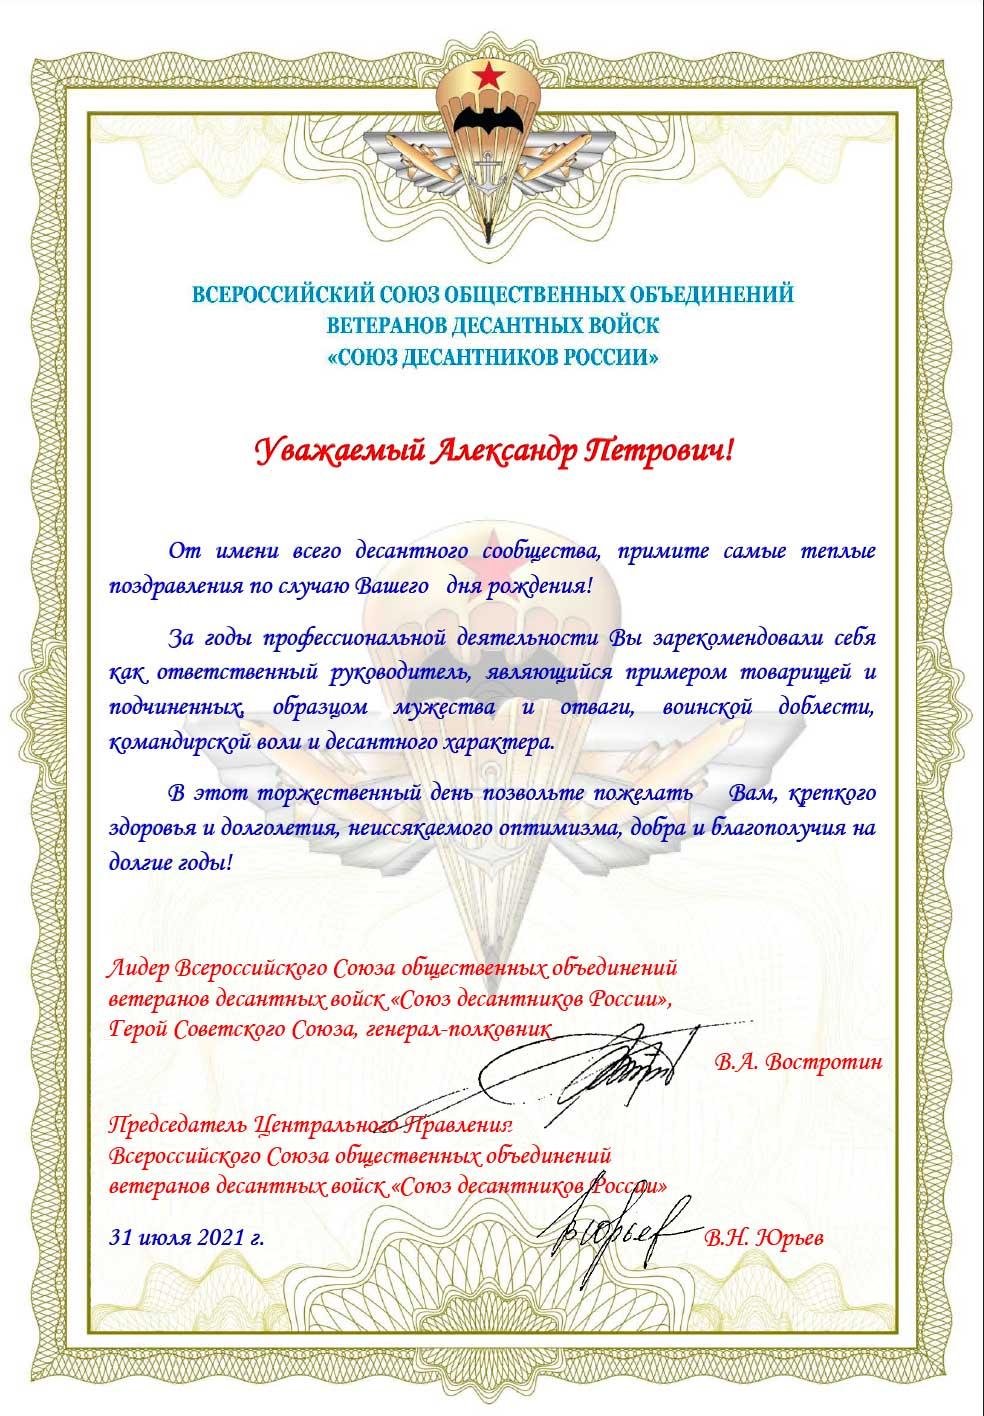 ПОЗДРАВЛЯЕМ С ДНЕМ РОЖДЕНИЯ ПРЕДСЕДАТЕЛЯ ДОСААФ РОССИИ генерал-полковника КОЛМАКОВА АЛЕКСАНДРА ПЕТРОВИЧА